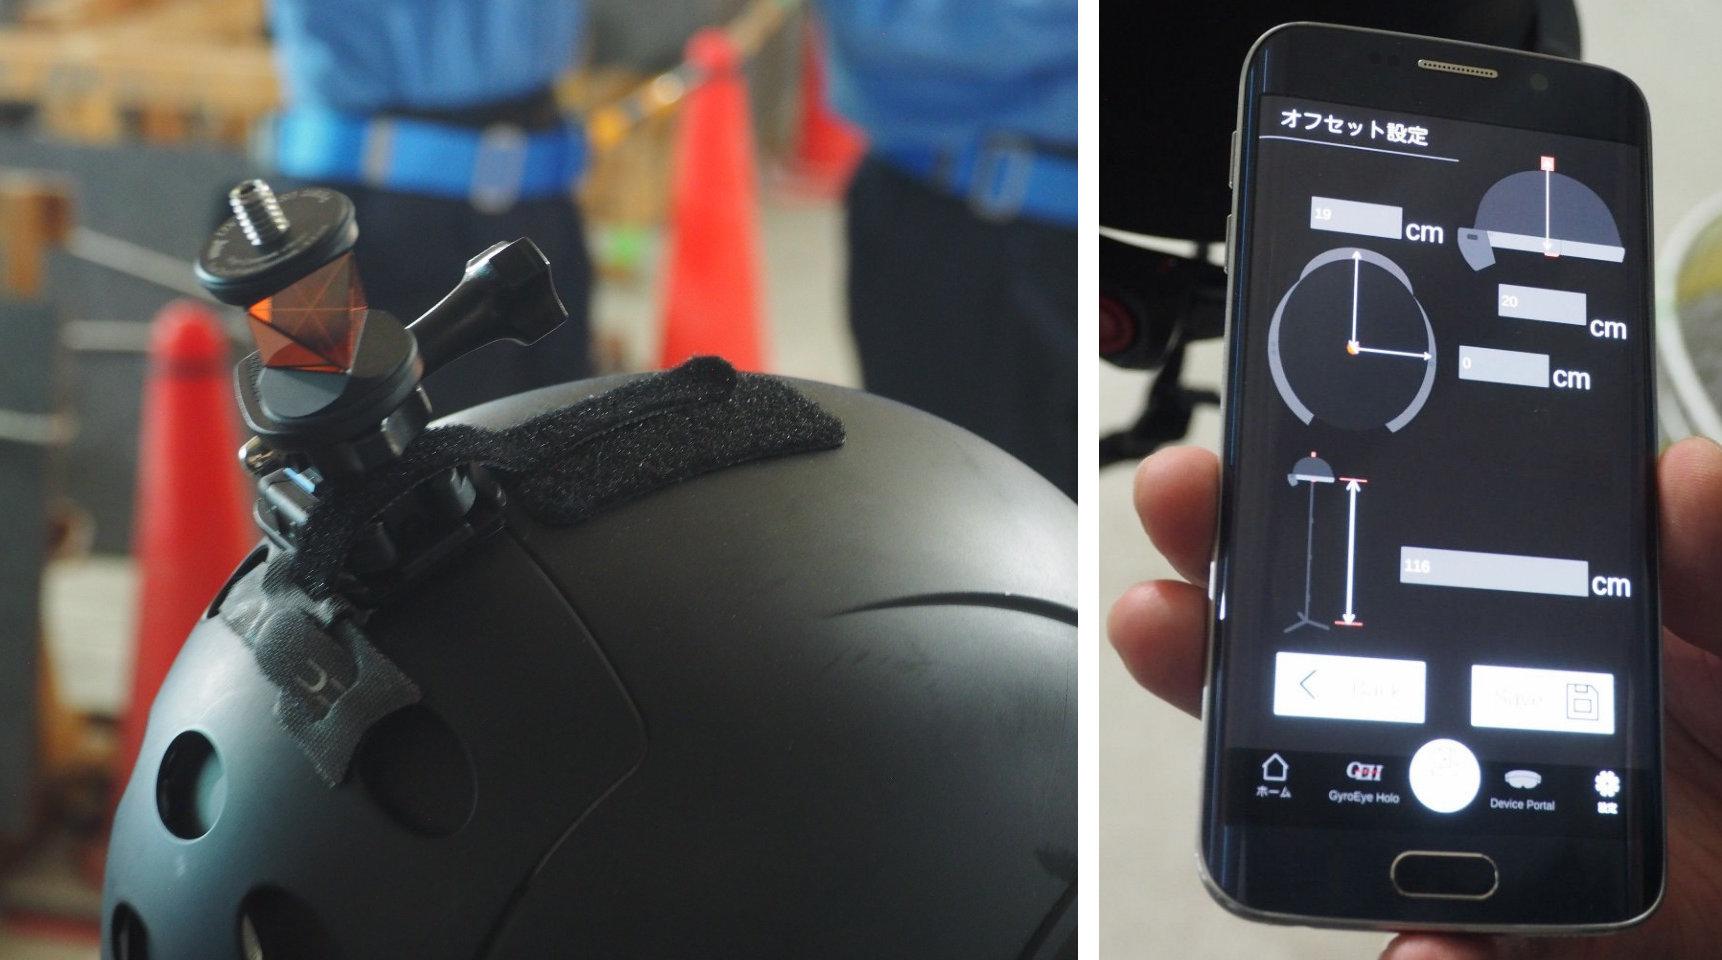 ヘルメットの上には、測量用のプリズムが取り付けられている(左)。ヘルメット上のプリズムと、HoloLensの中心座標の位置を設定する機能(右)